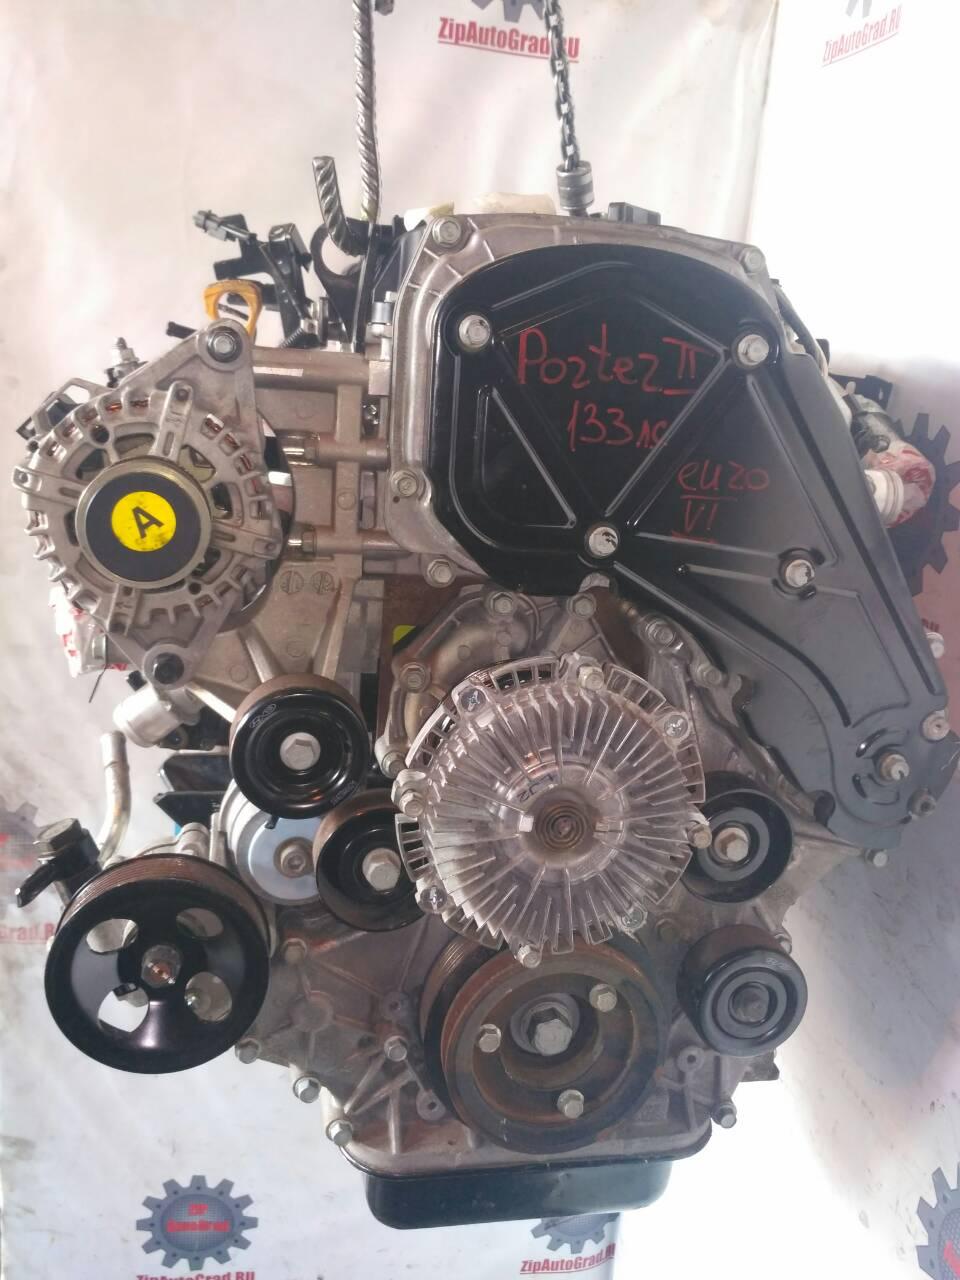 Двигатель Hyundai Porter. Кузов: 2. D4CB. , 2.5л.Дата выпуска: 2016.